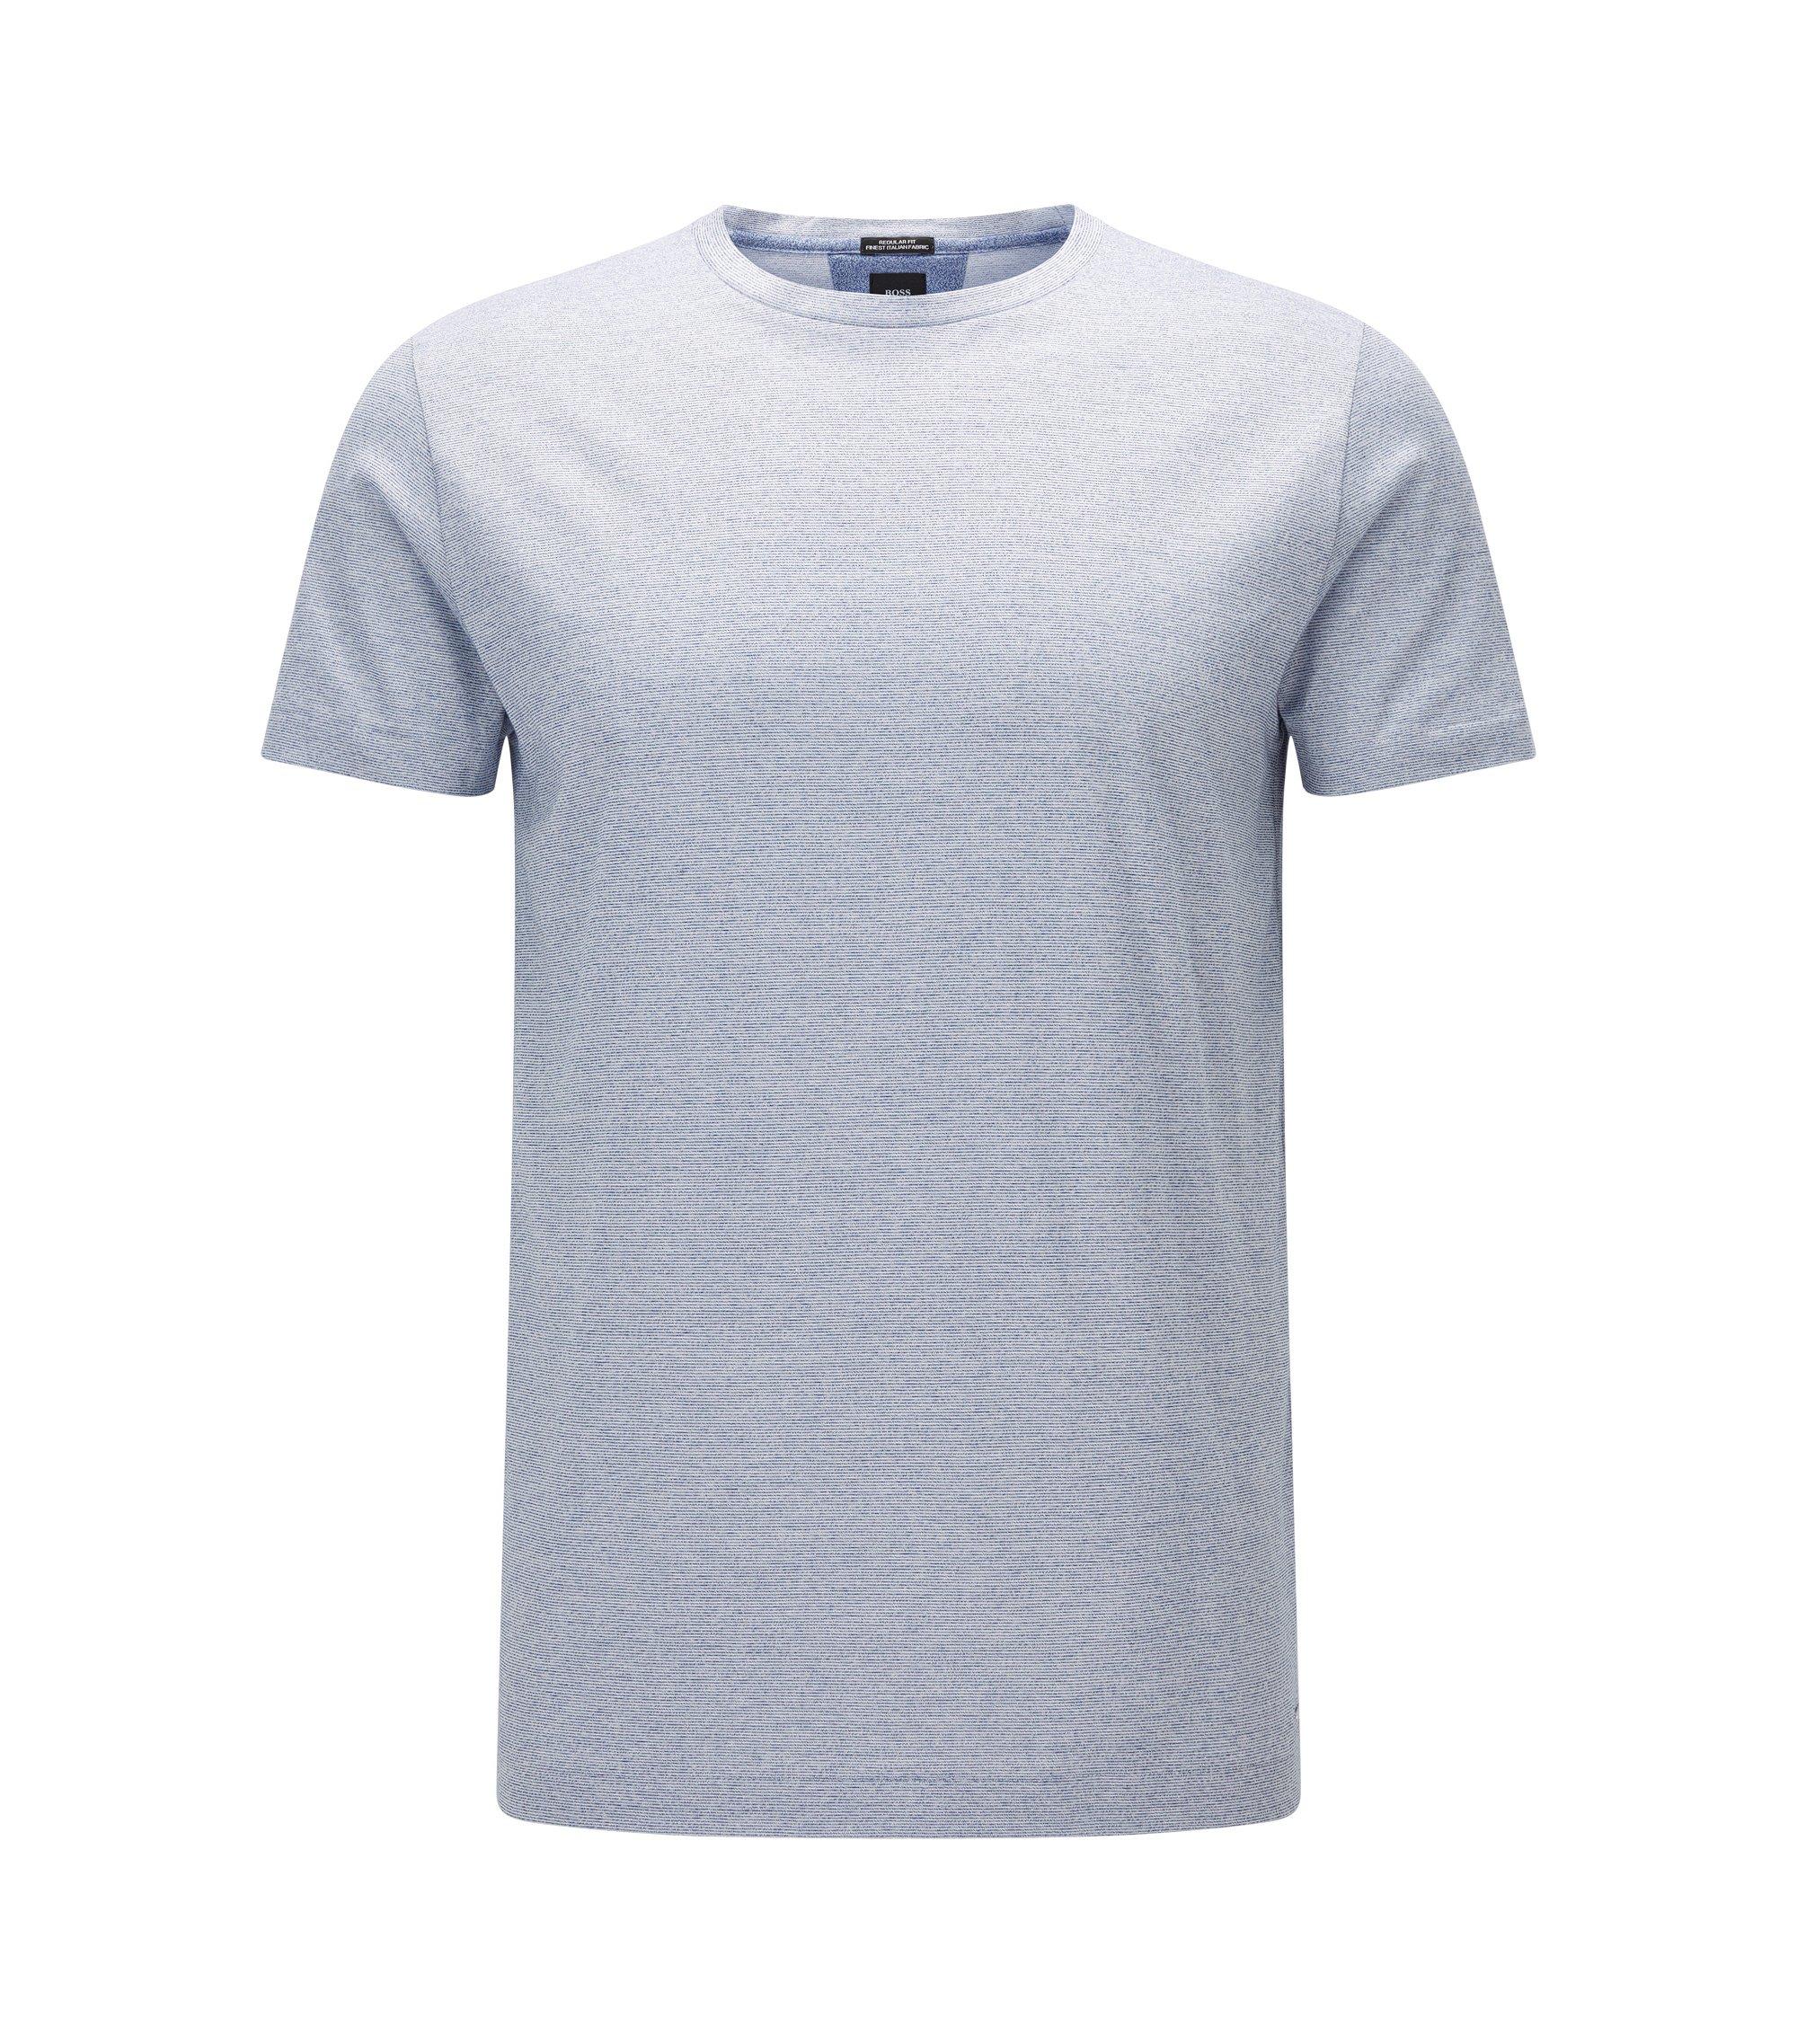 Regular-Fit T-Shirt aus Fil-à-Fil-Baumwolle, Dunkelblau